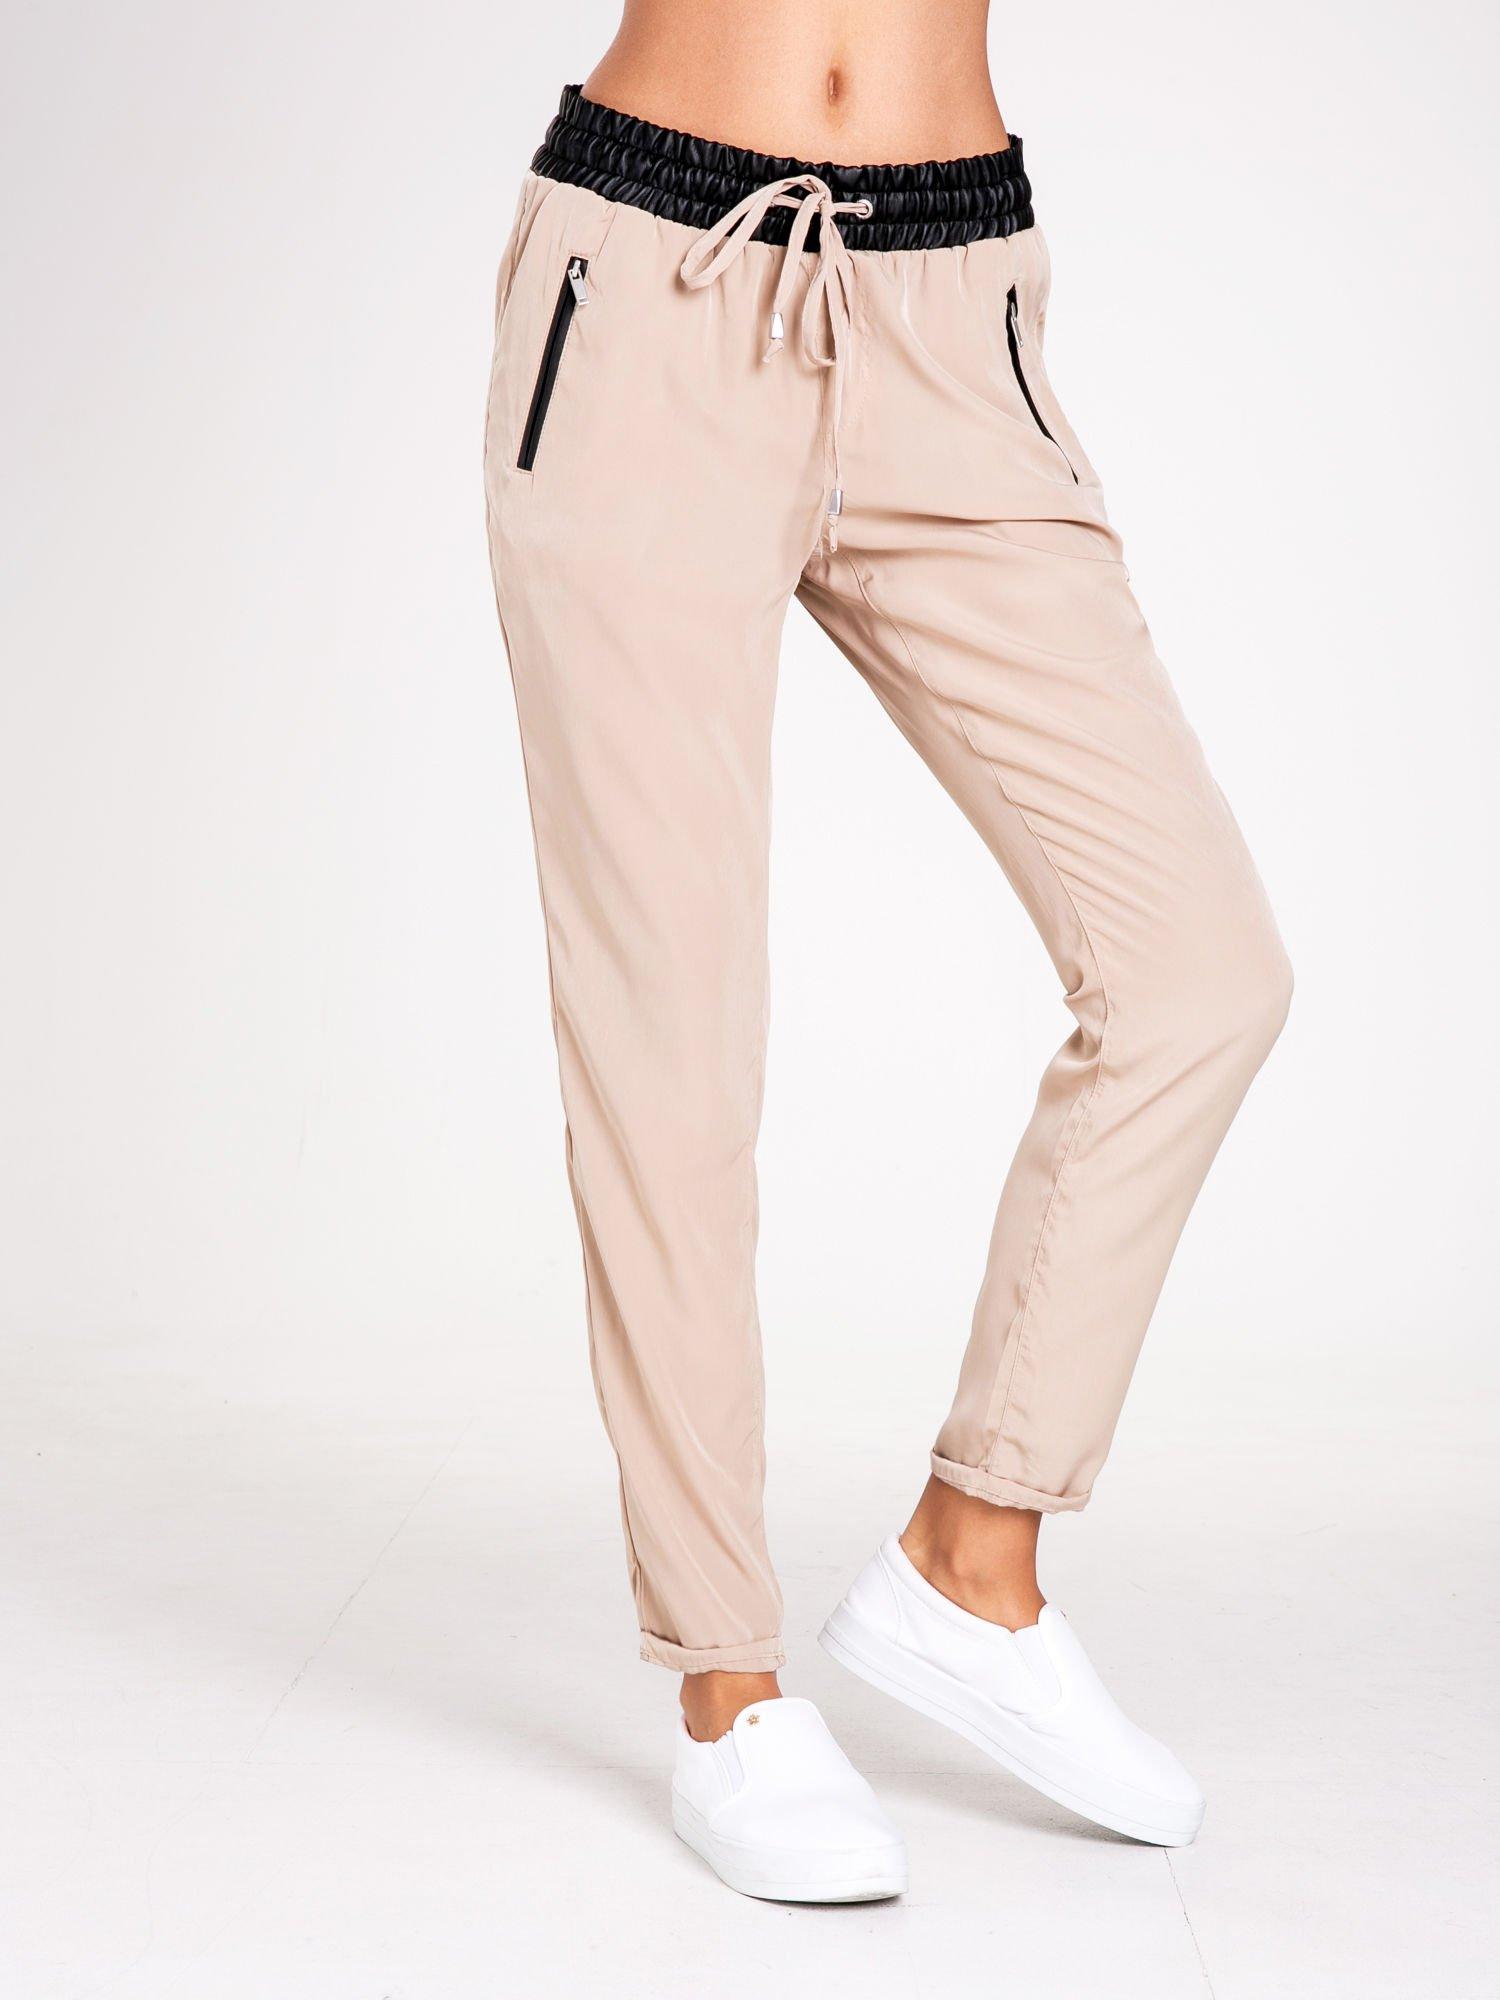 STRADIVARIUS Beżowe spodnie ze skórzanym pasem i zamkami                                  zdj.                                  1